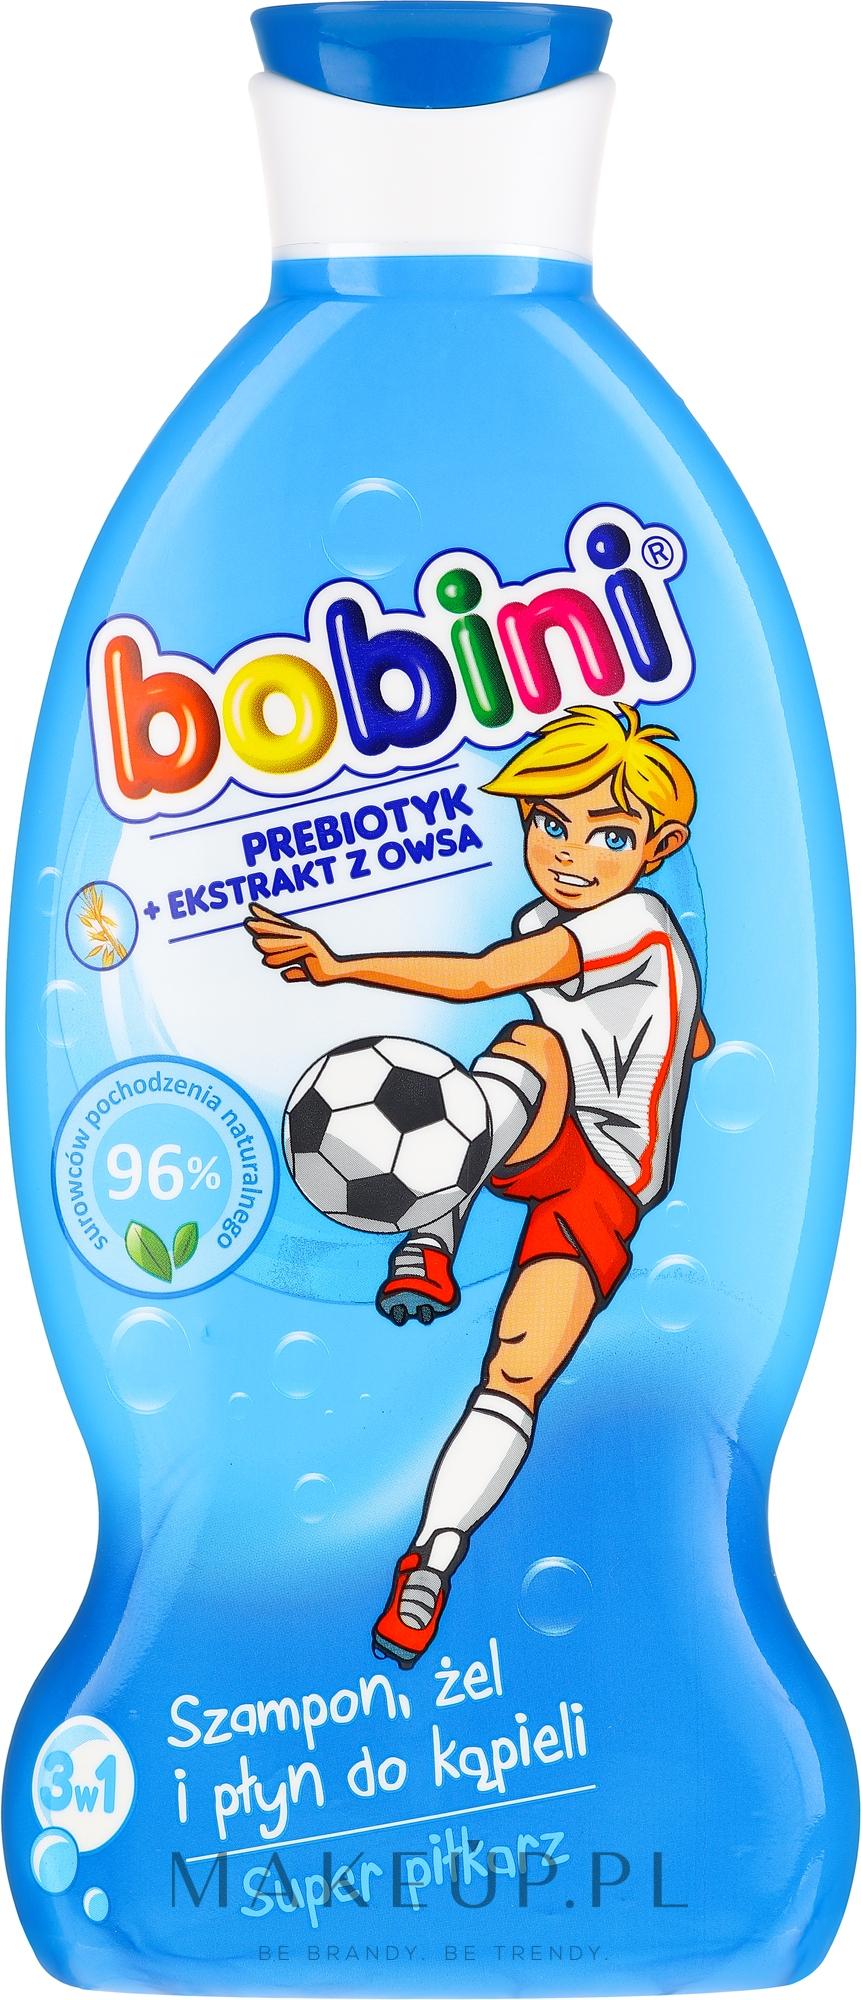 Szampon, żel i płyn do kąpieli Super piłkarz - Bobini — фото 330 ml